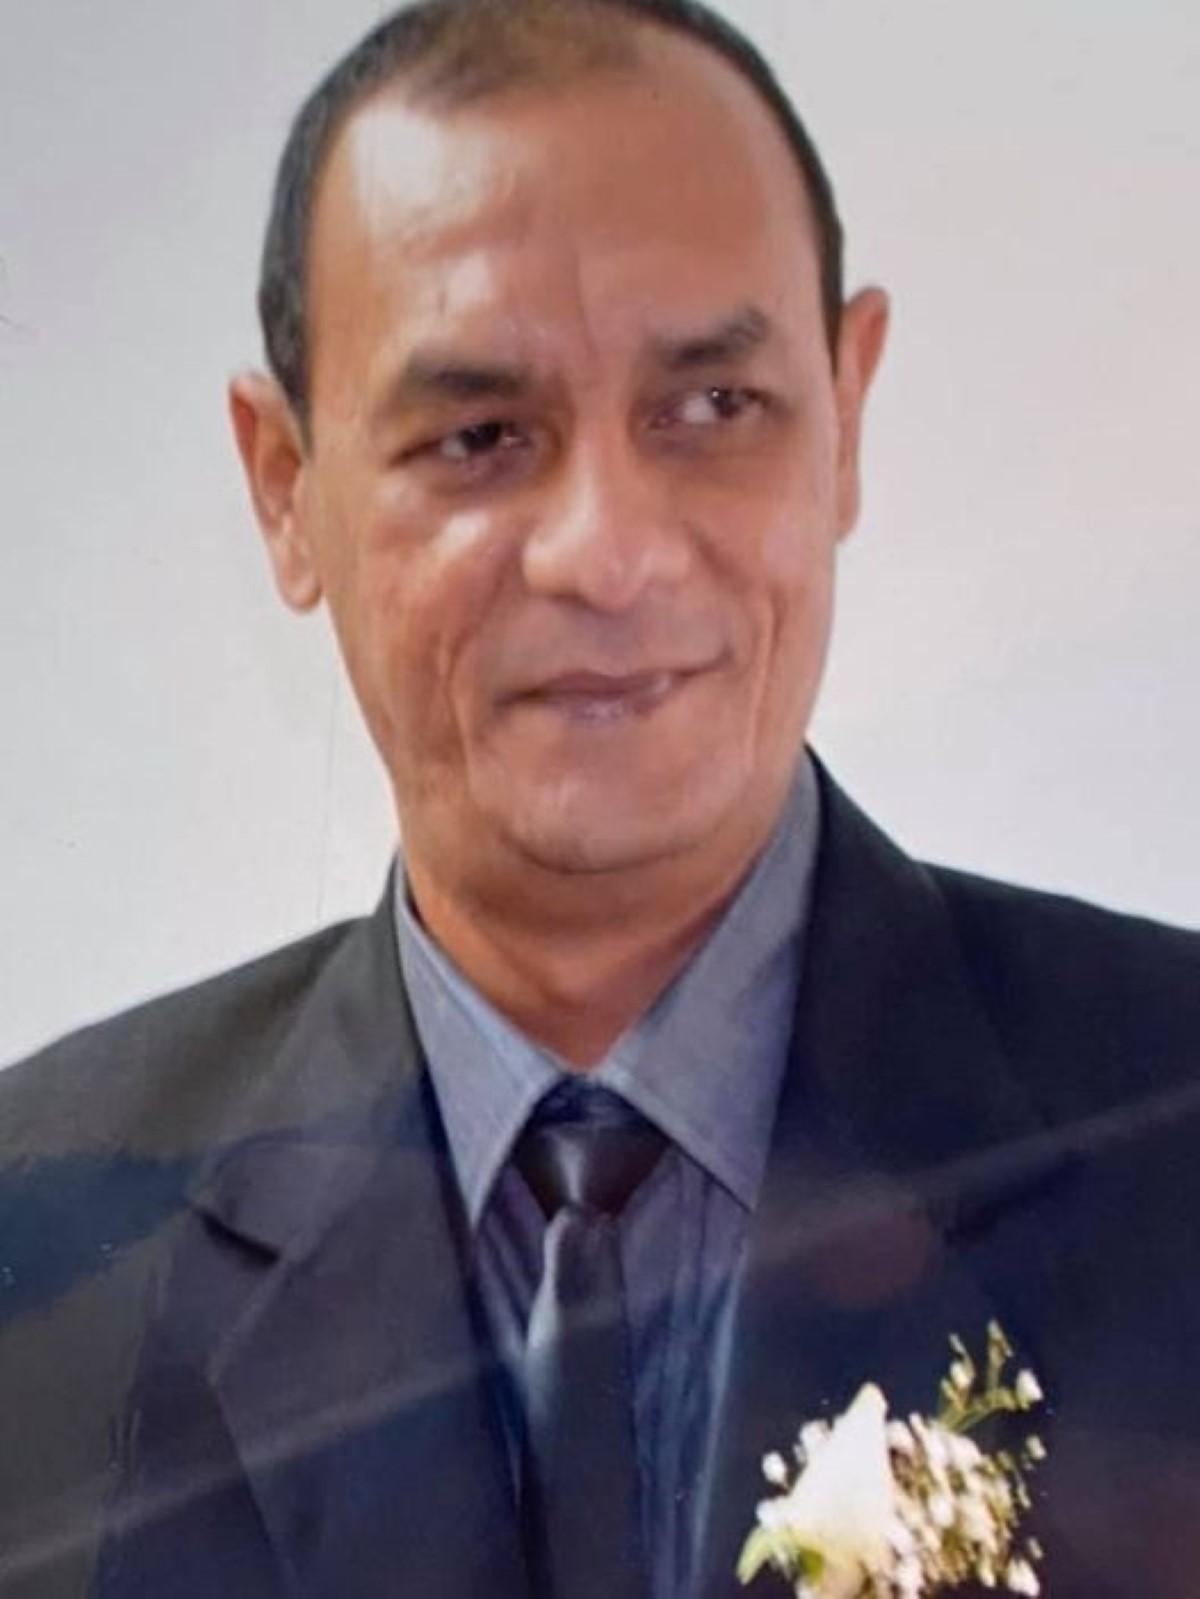 Rose Hill : Disparition inquiétante de Iqbal Jaulim depuis 24 heures